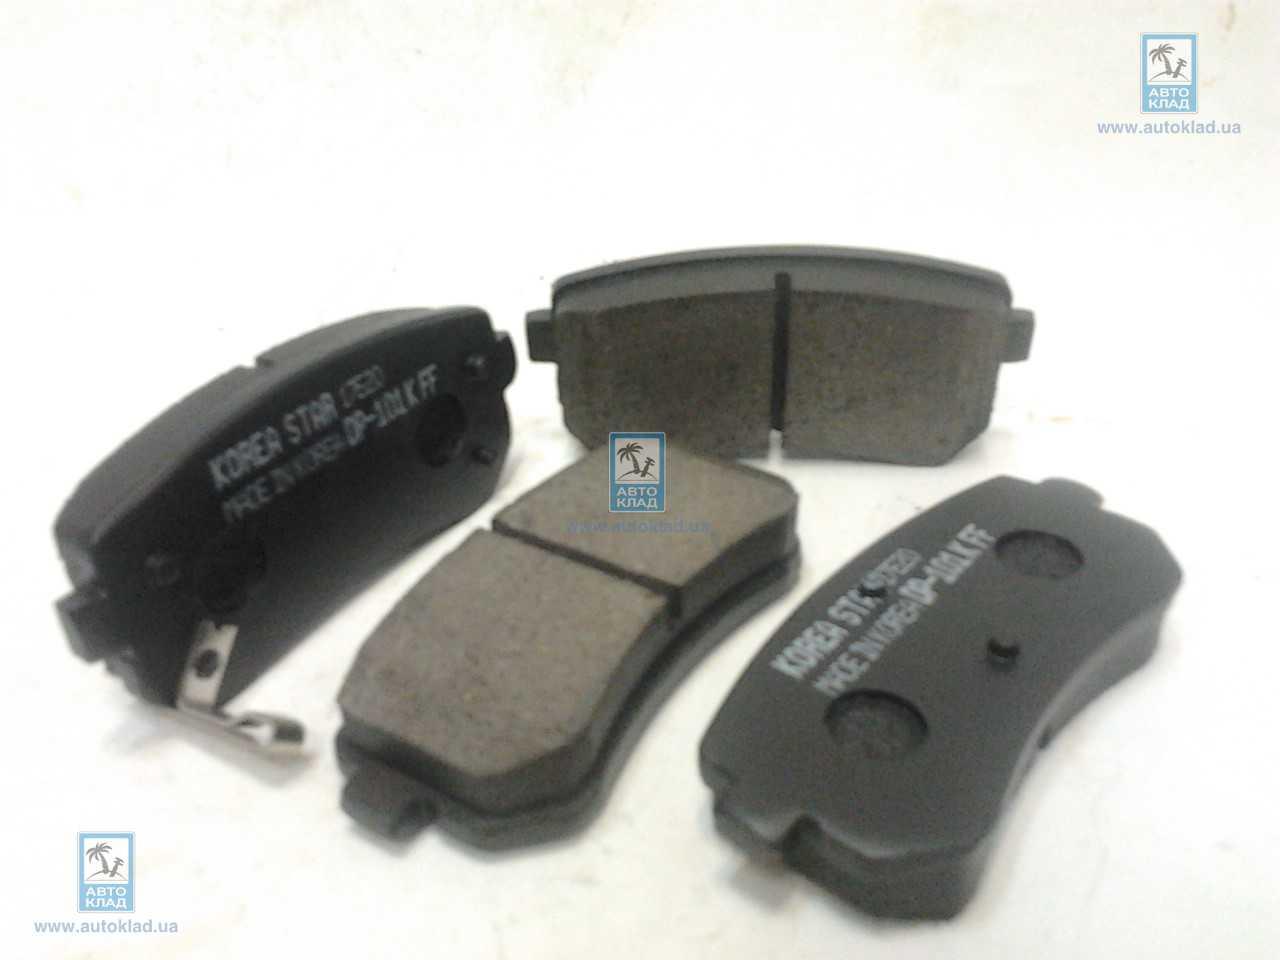 Колодки тормозные задние KOREASTAR KBPH079